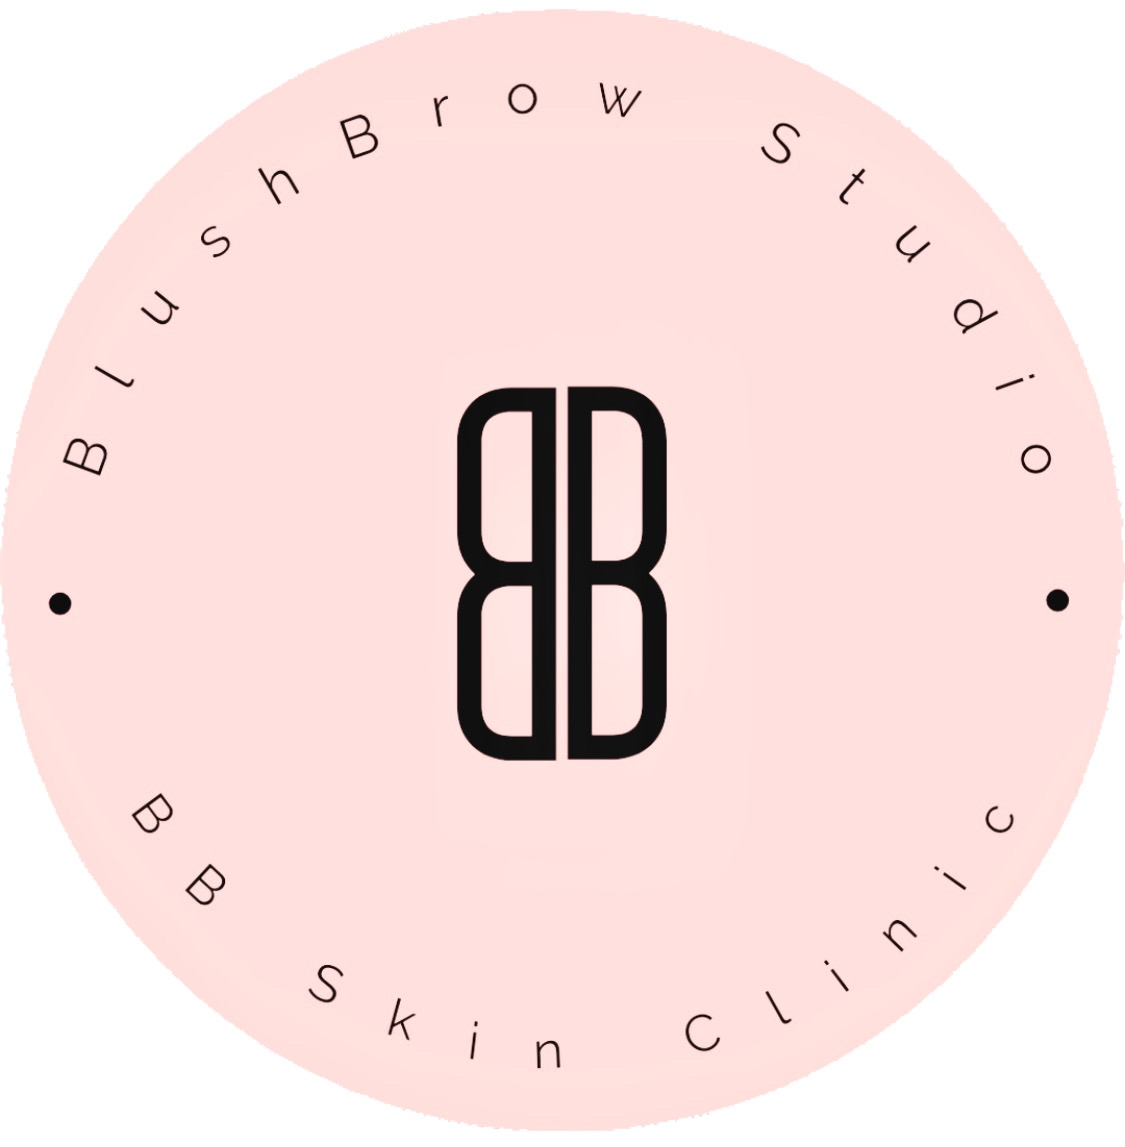 BB Skin Clinic